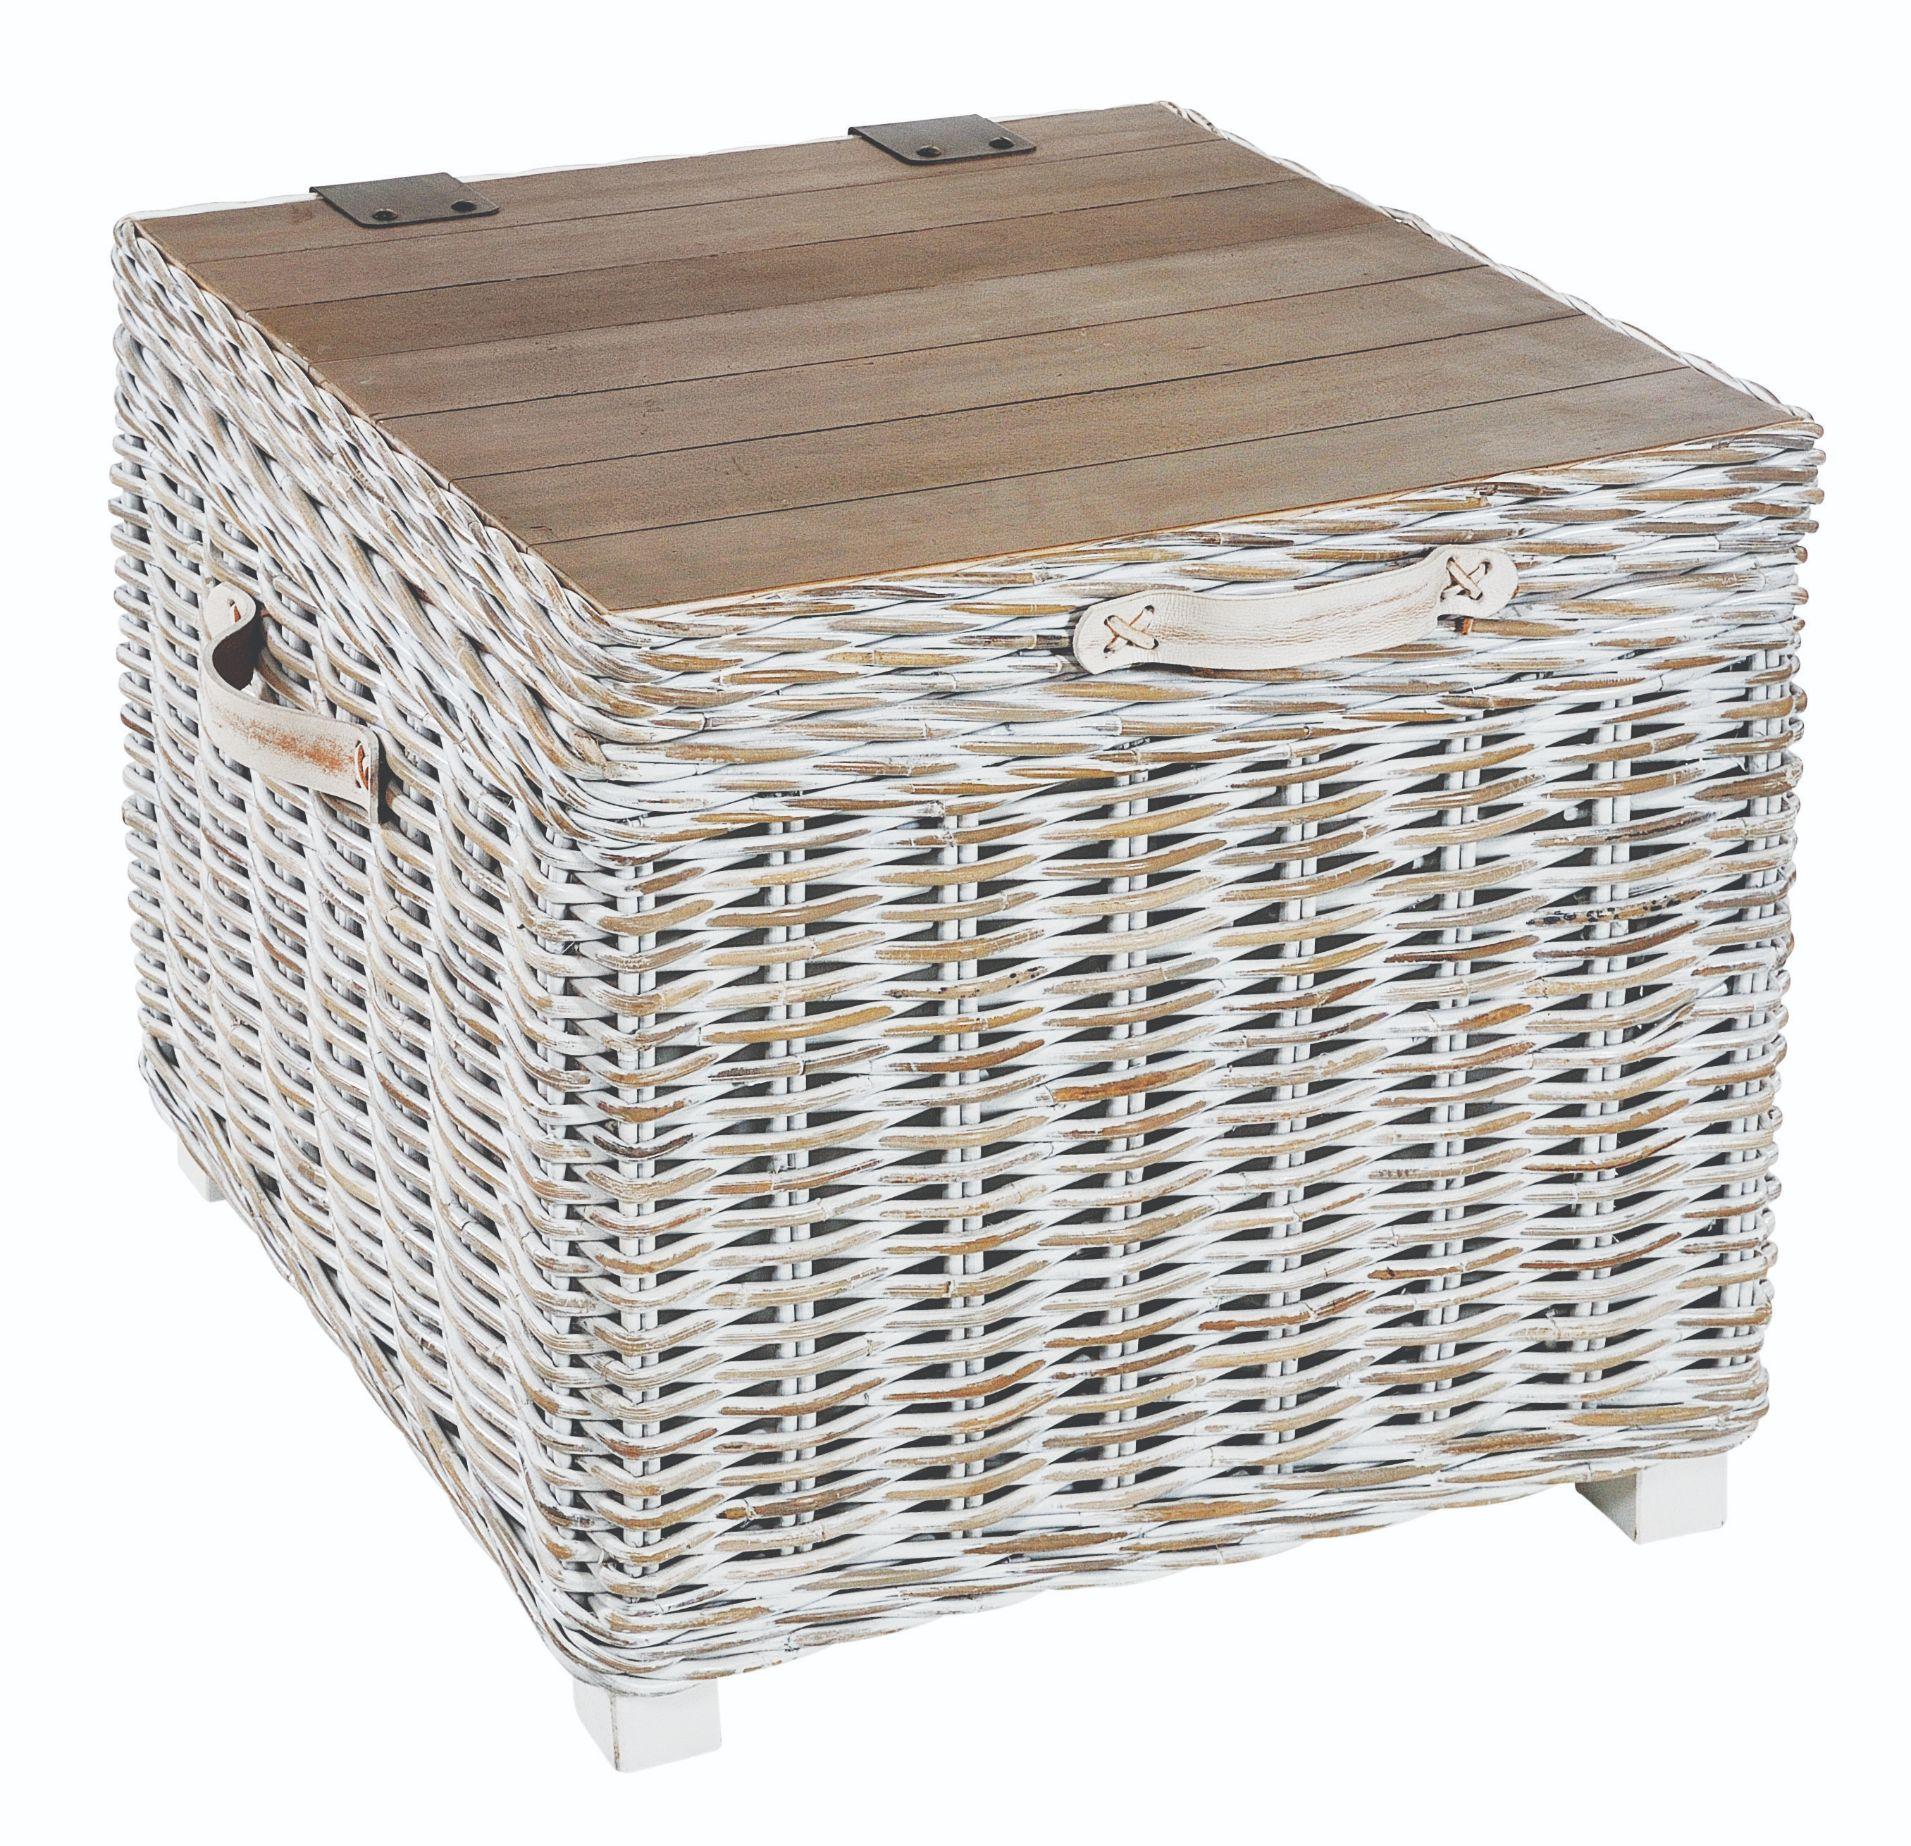 MAYA White Wash Rattan Storage Side Table